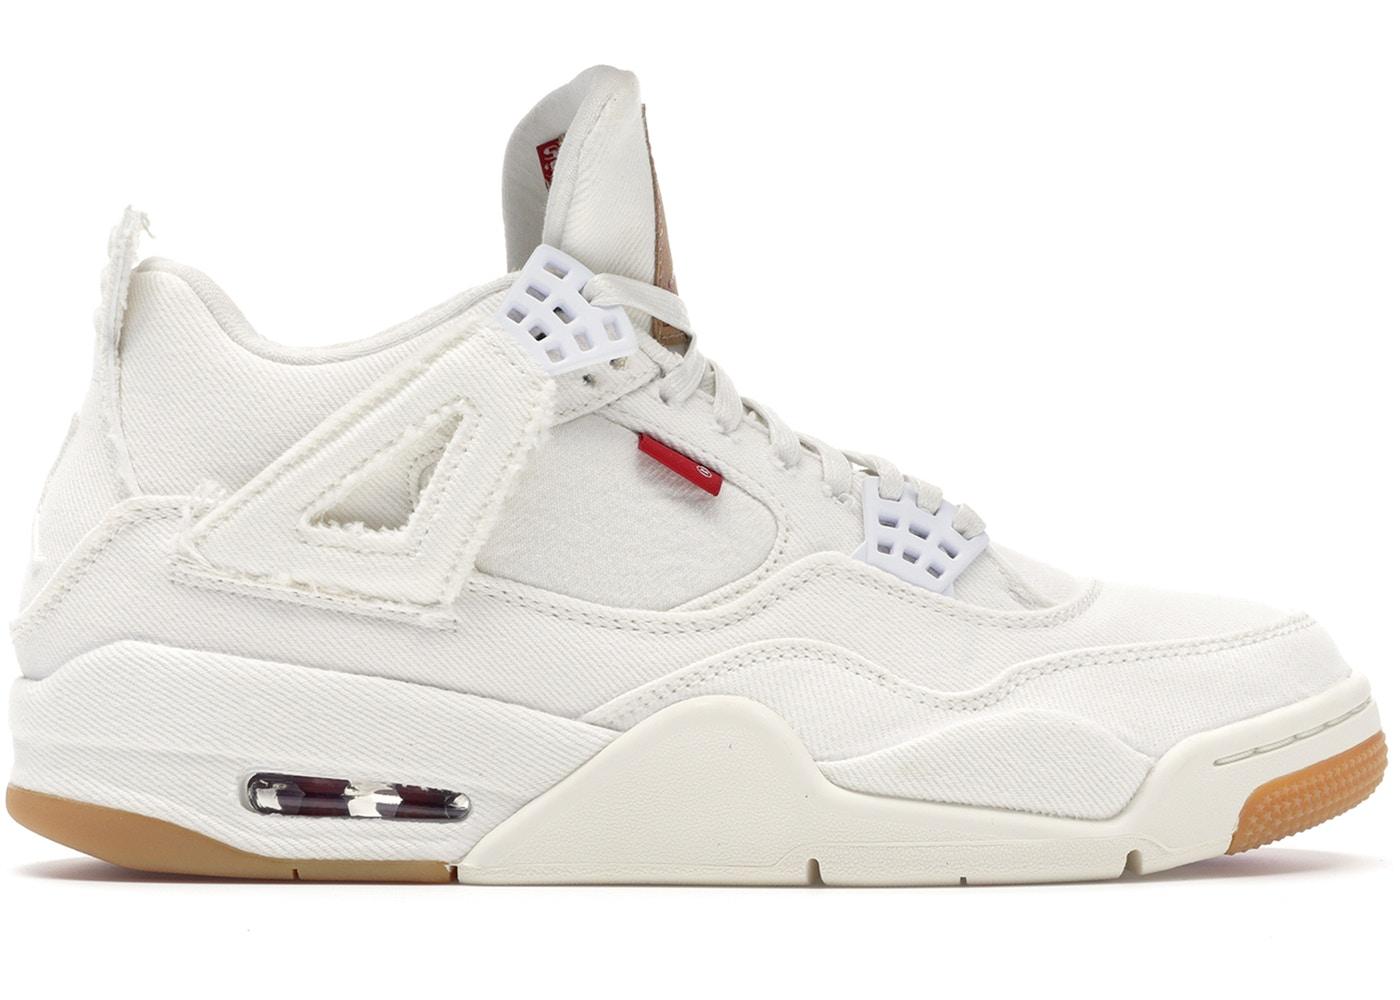 Jordan 4 Retro Levi's White (Blank Tag